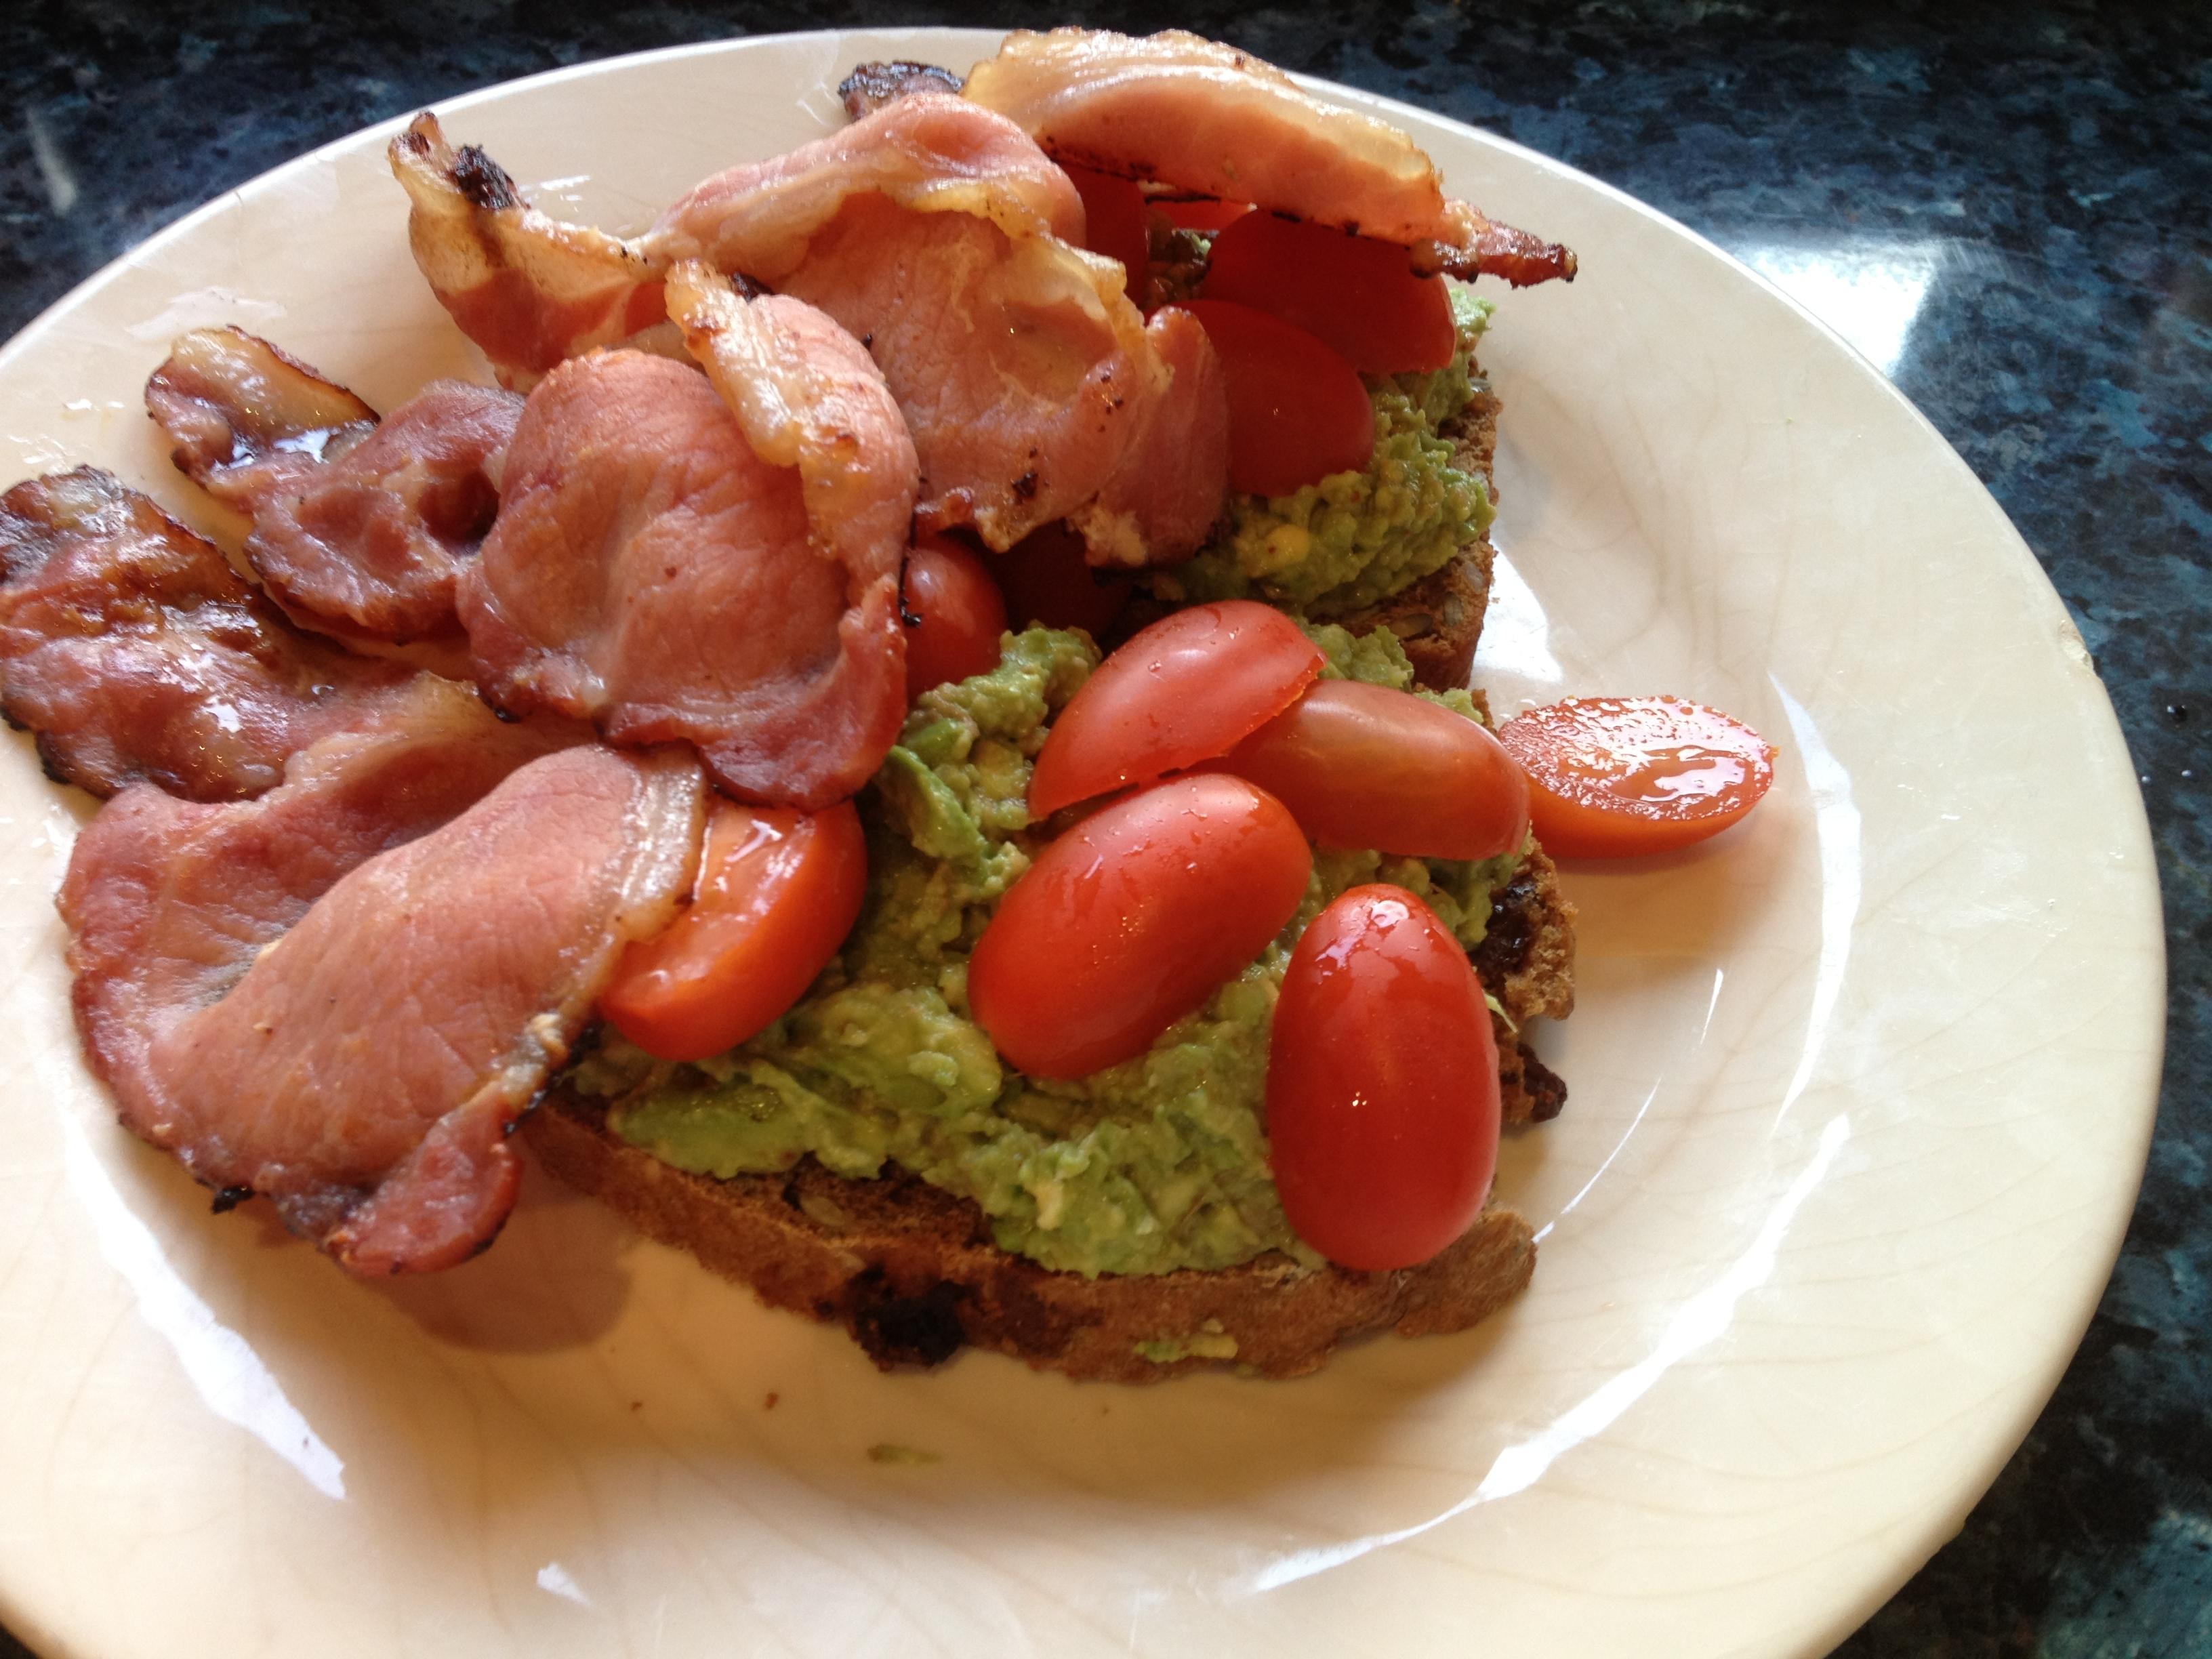 Avocado-Bacon Toasts Recipe — Dishmaps